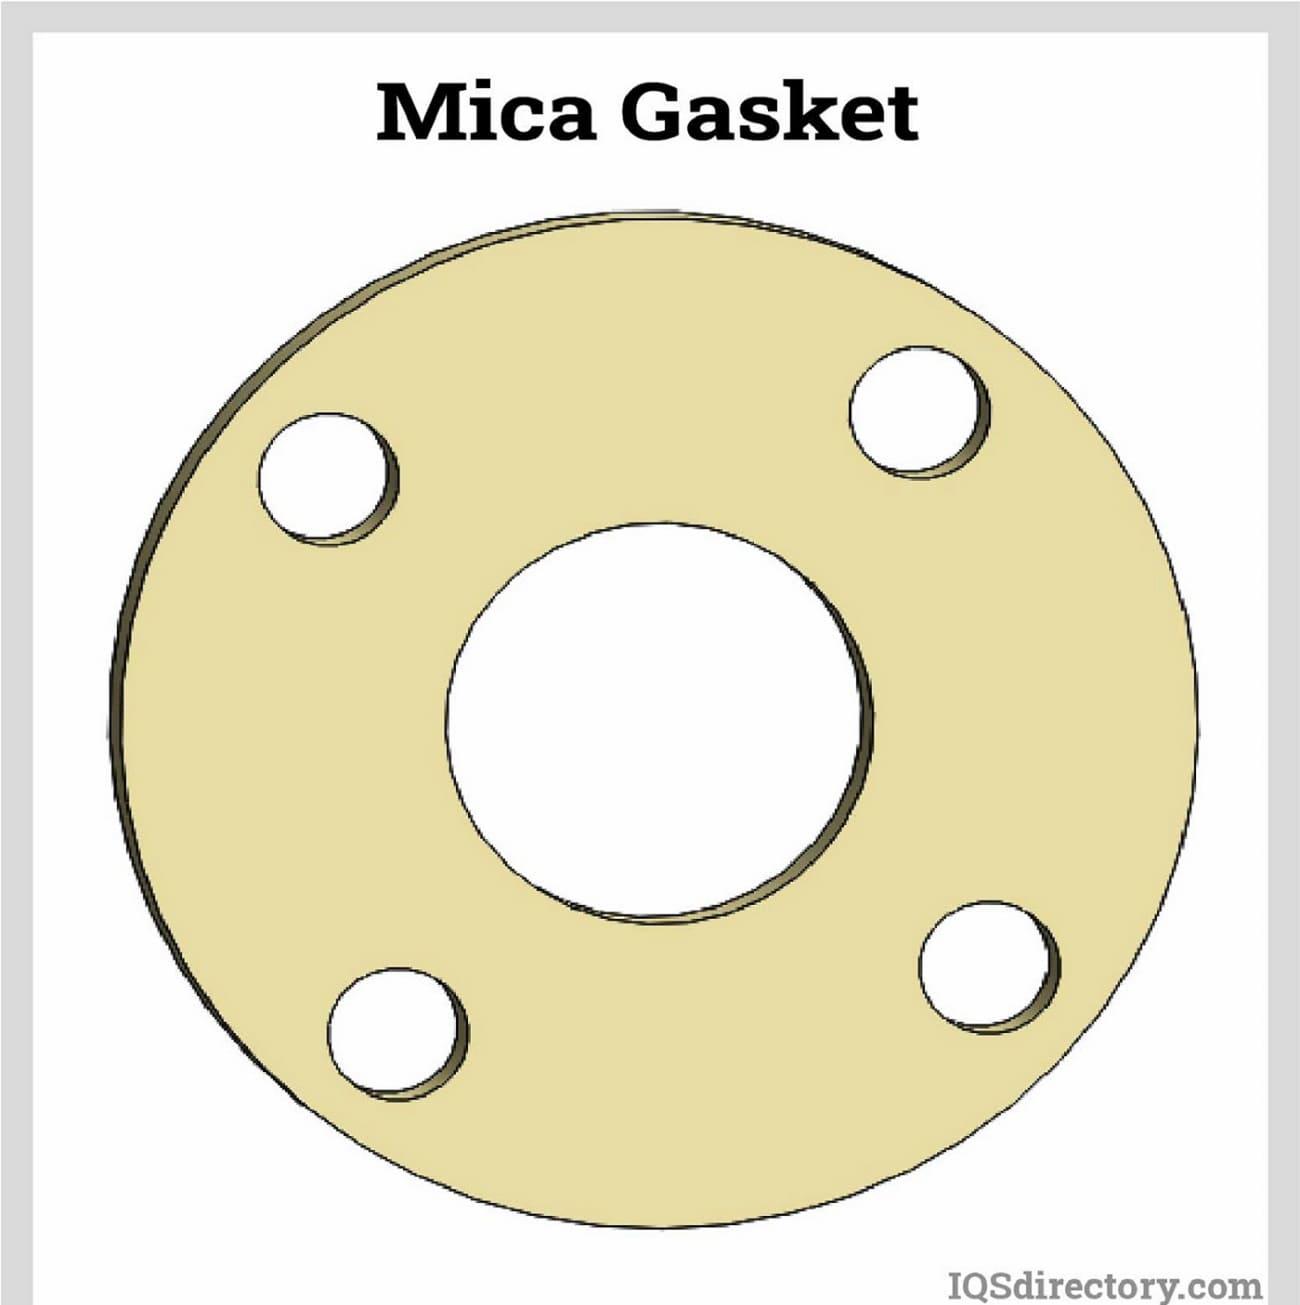 Mica Gasket